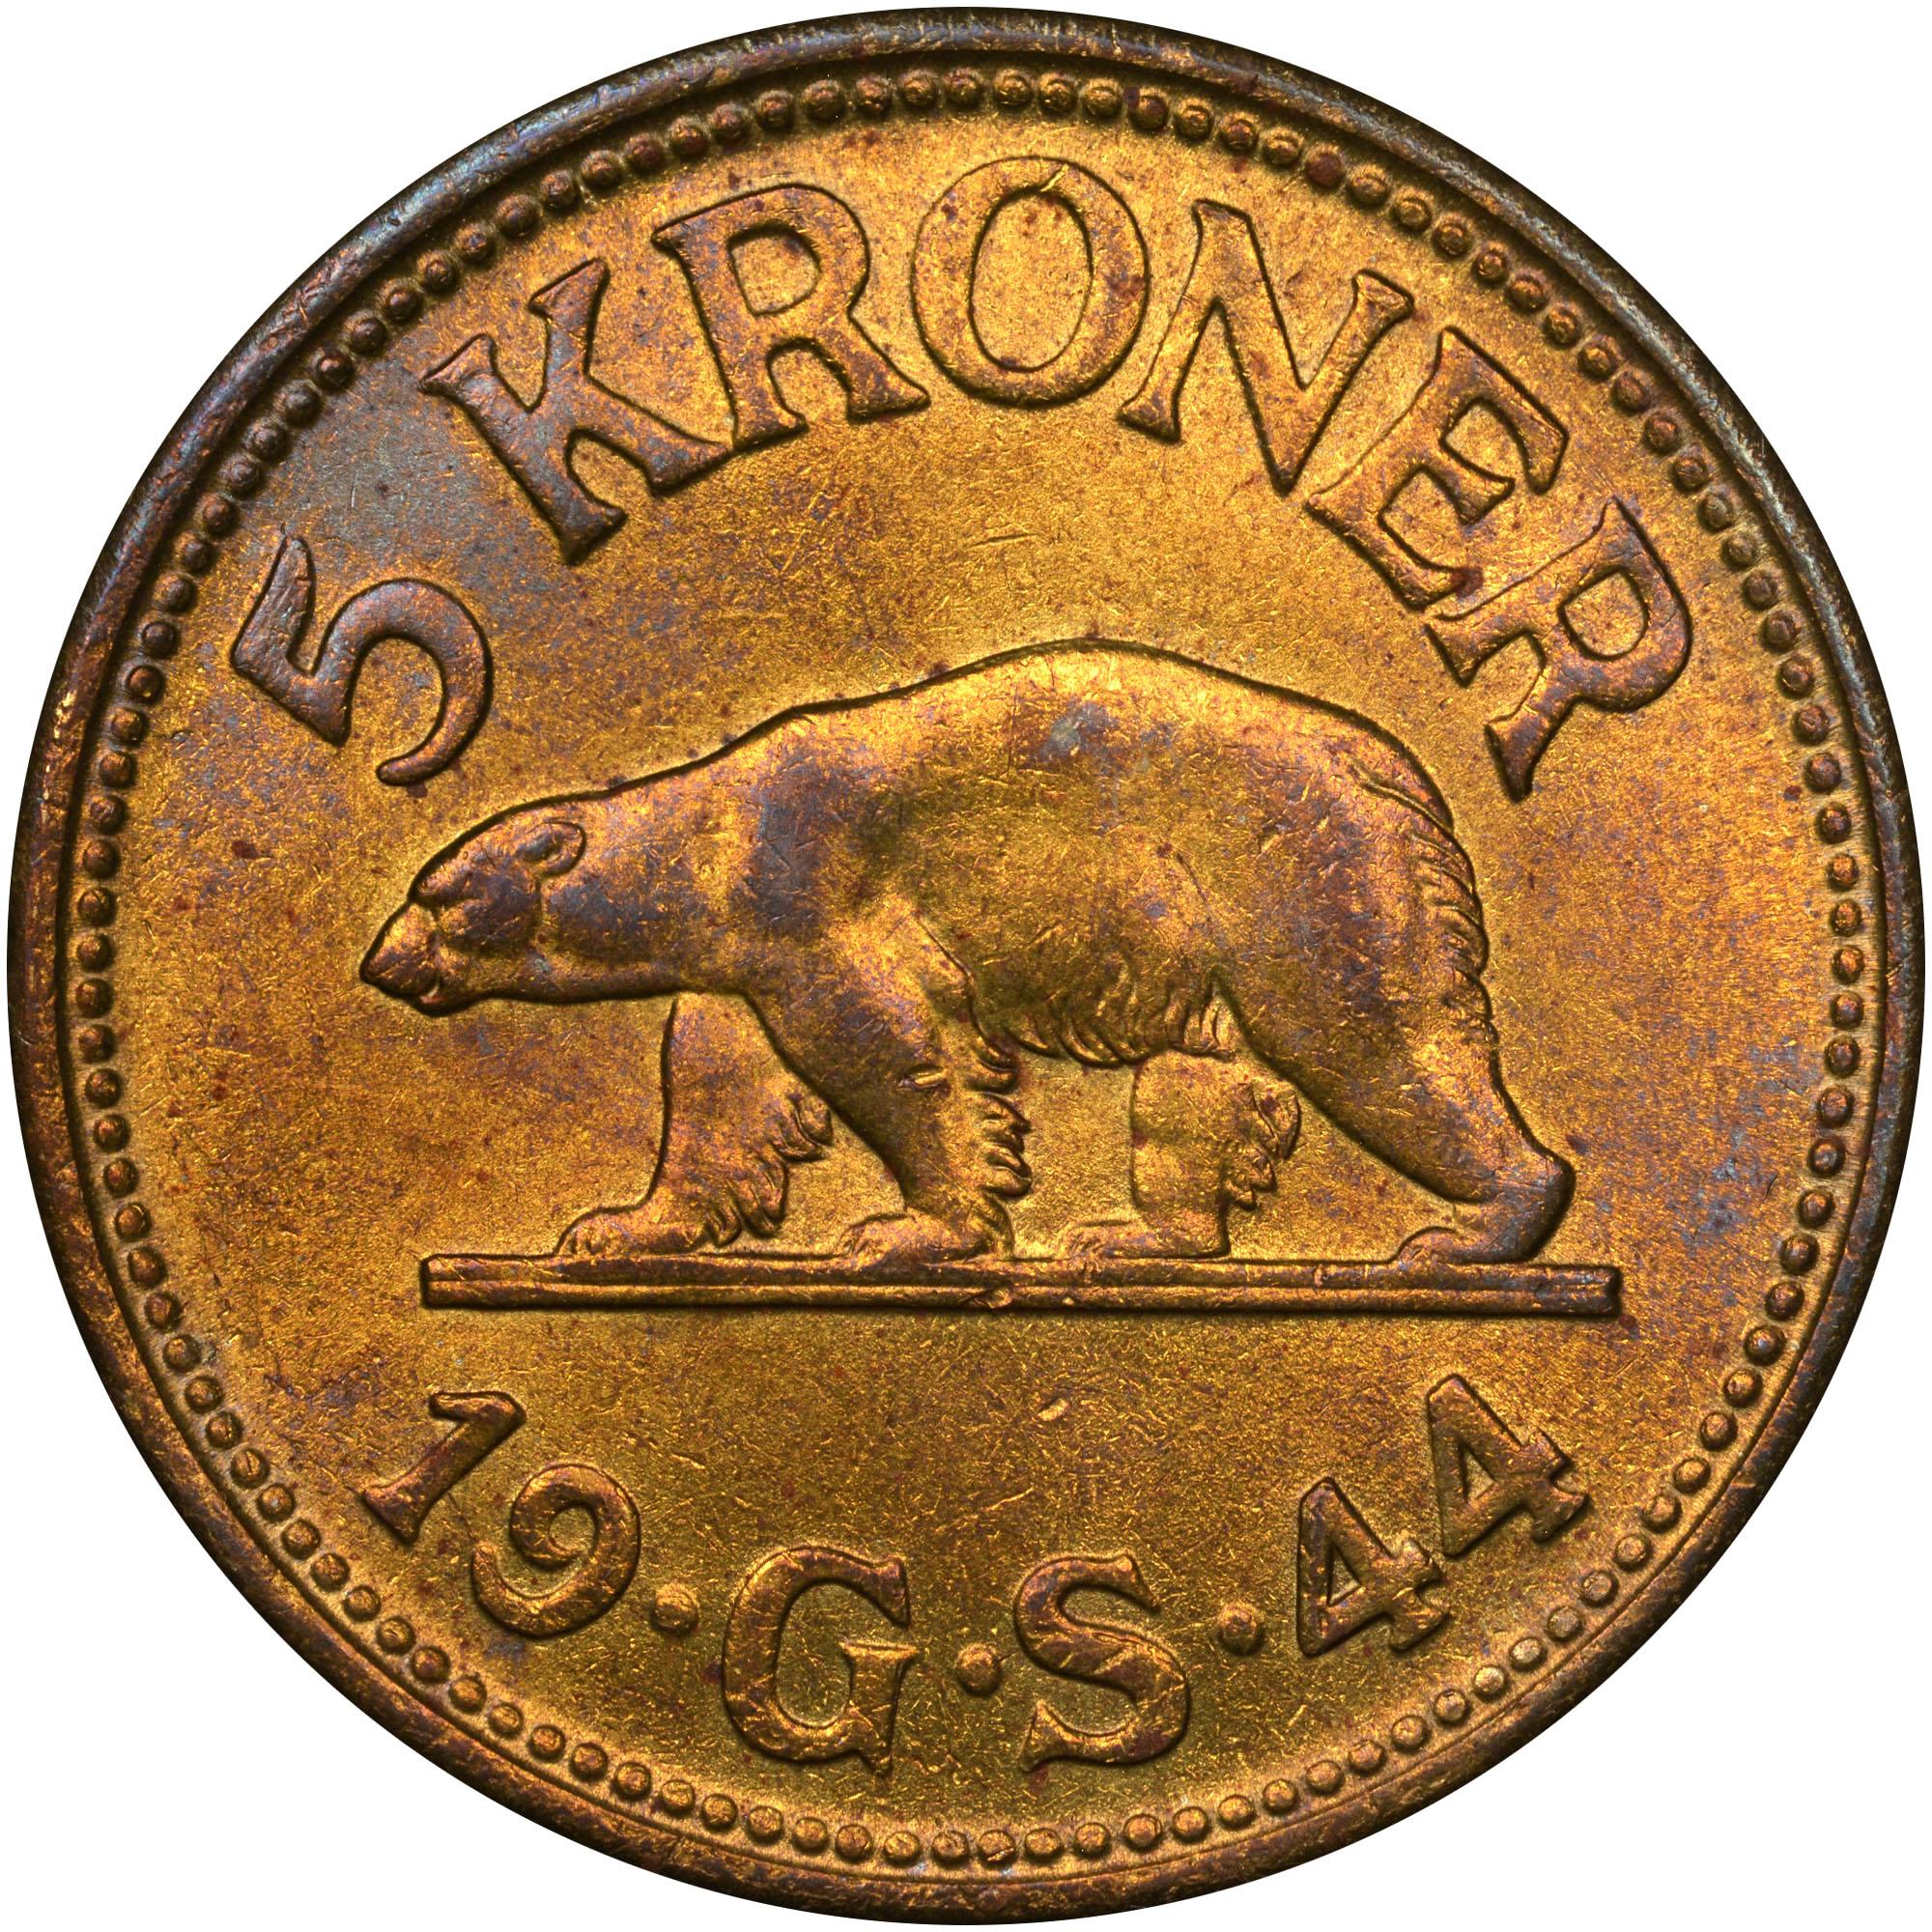 1944 Greenland 5 Kroner reverse